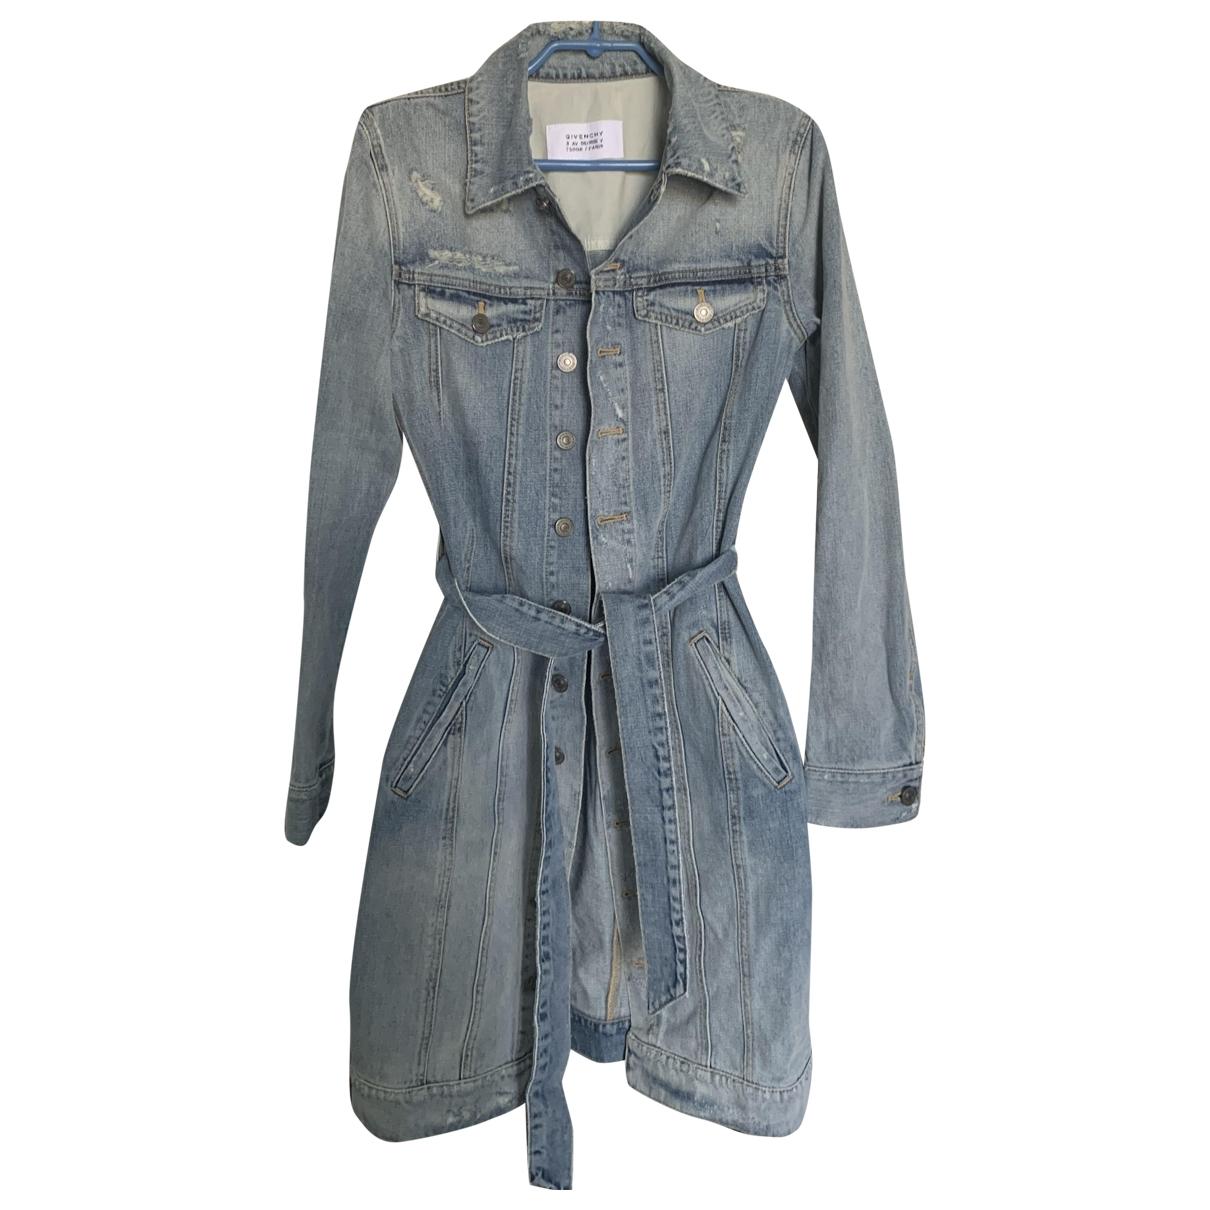 Givenchy \N Blue Denim - Jeans jacket for Women 36 FR